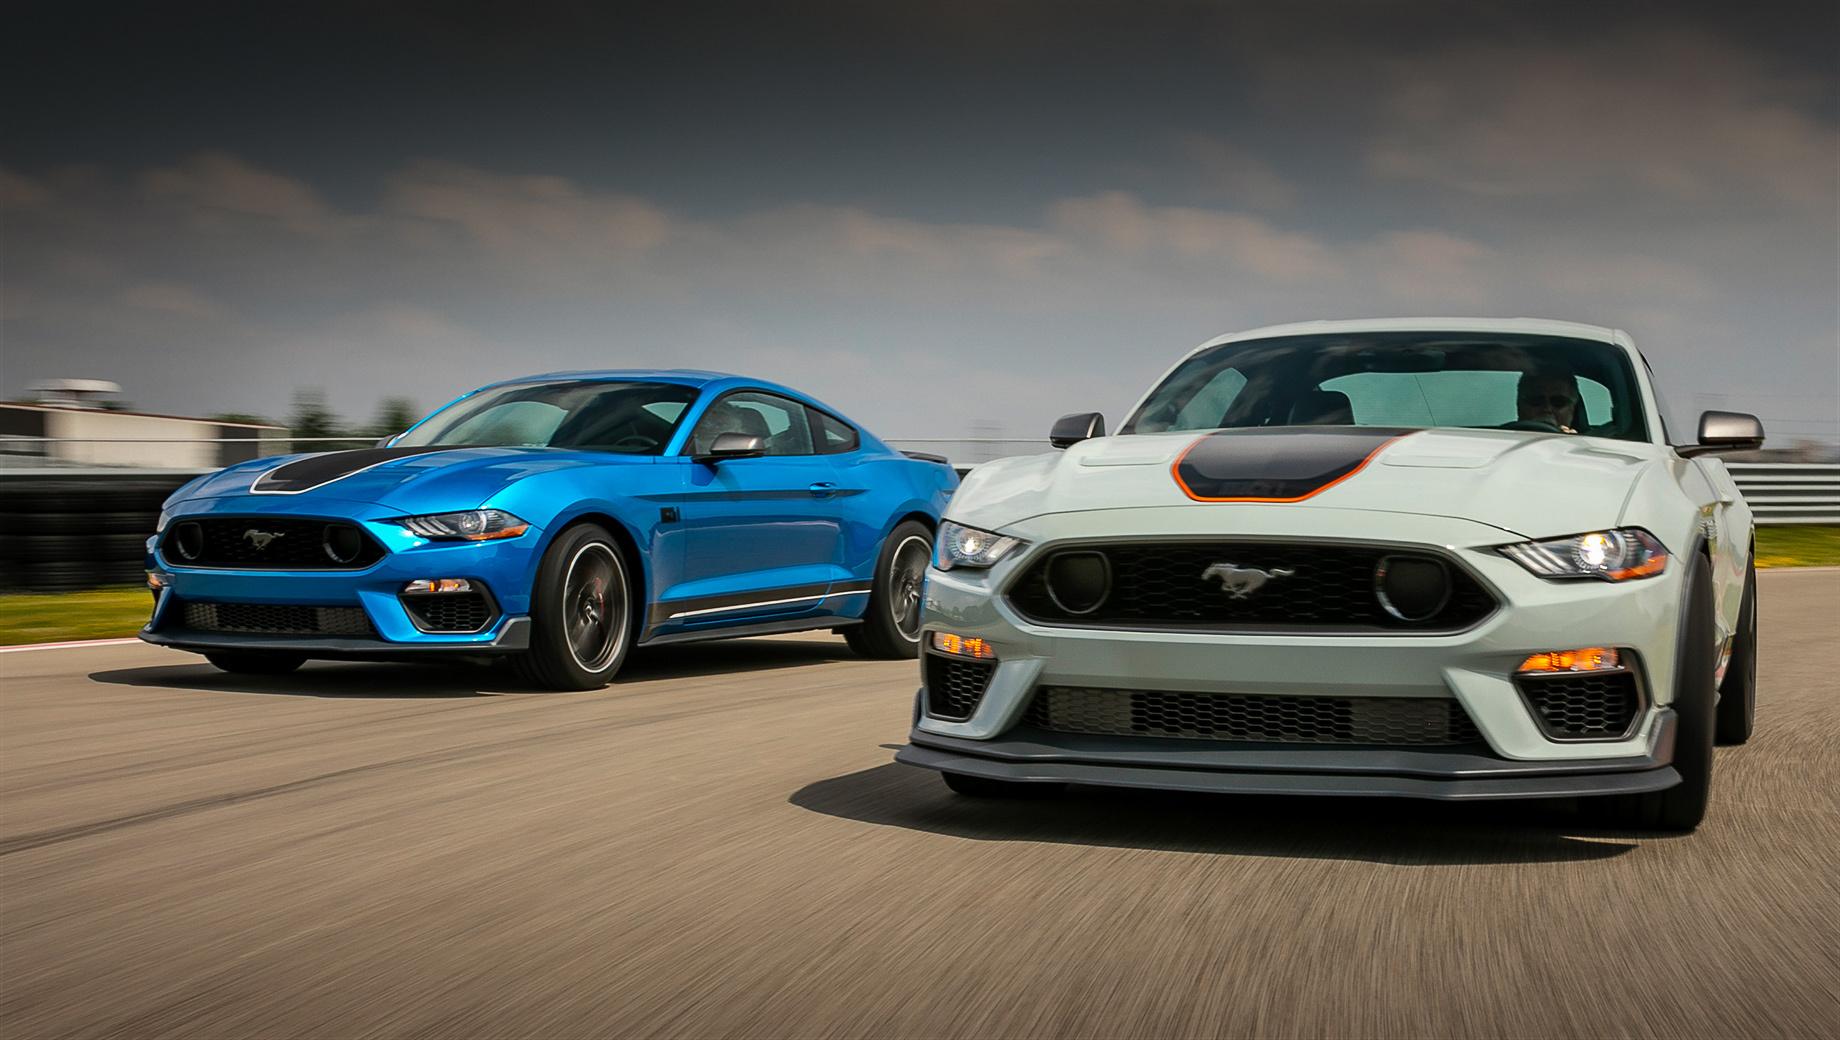 Ford mustang,Ford mustang mach-1. Mustang Mach 1 хорош собой за счёт грозного аэродинамического обвеса и капота с прорезями, решётки радиатора в стиле оригинального Мака, красивых 19-дюймовых разношироких колёс и выпускных патрубков от моделей Shelby. Тираж версии Mach 1 будет ограничен.